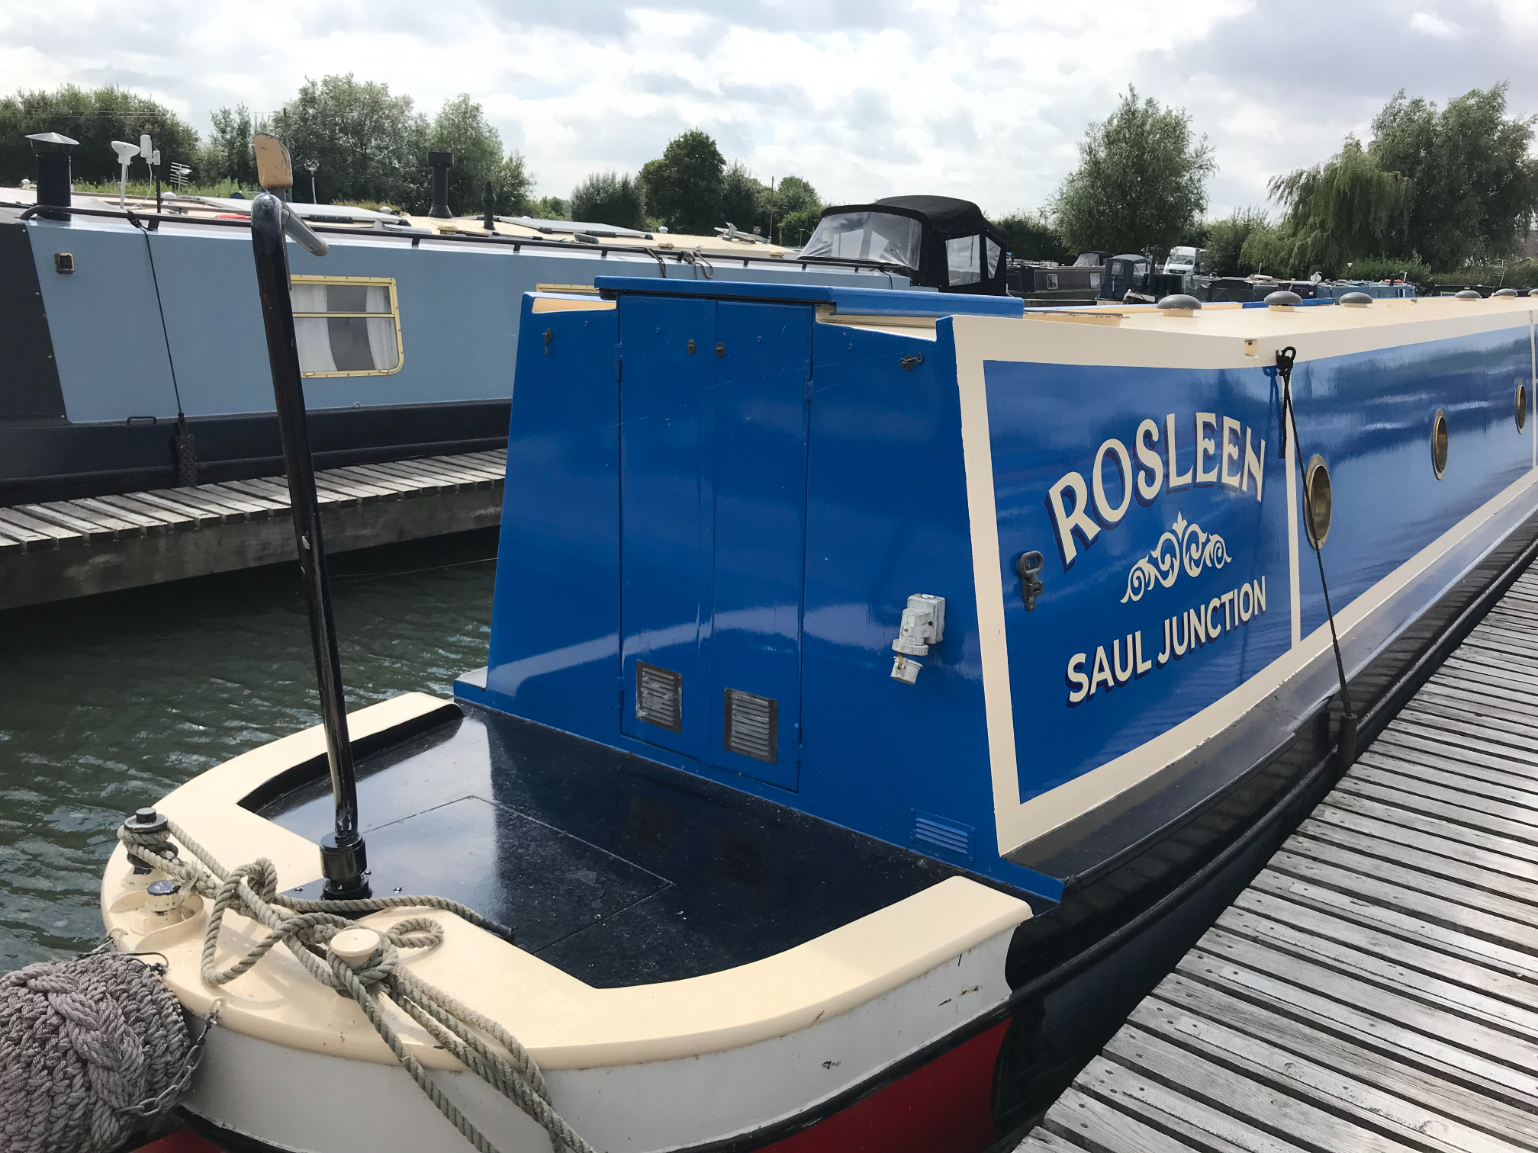 Rosleen 16